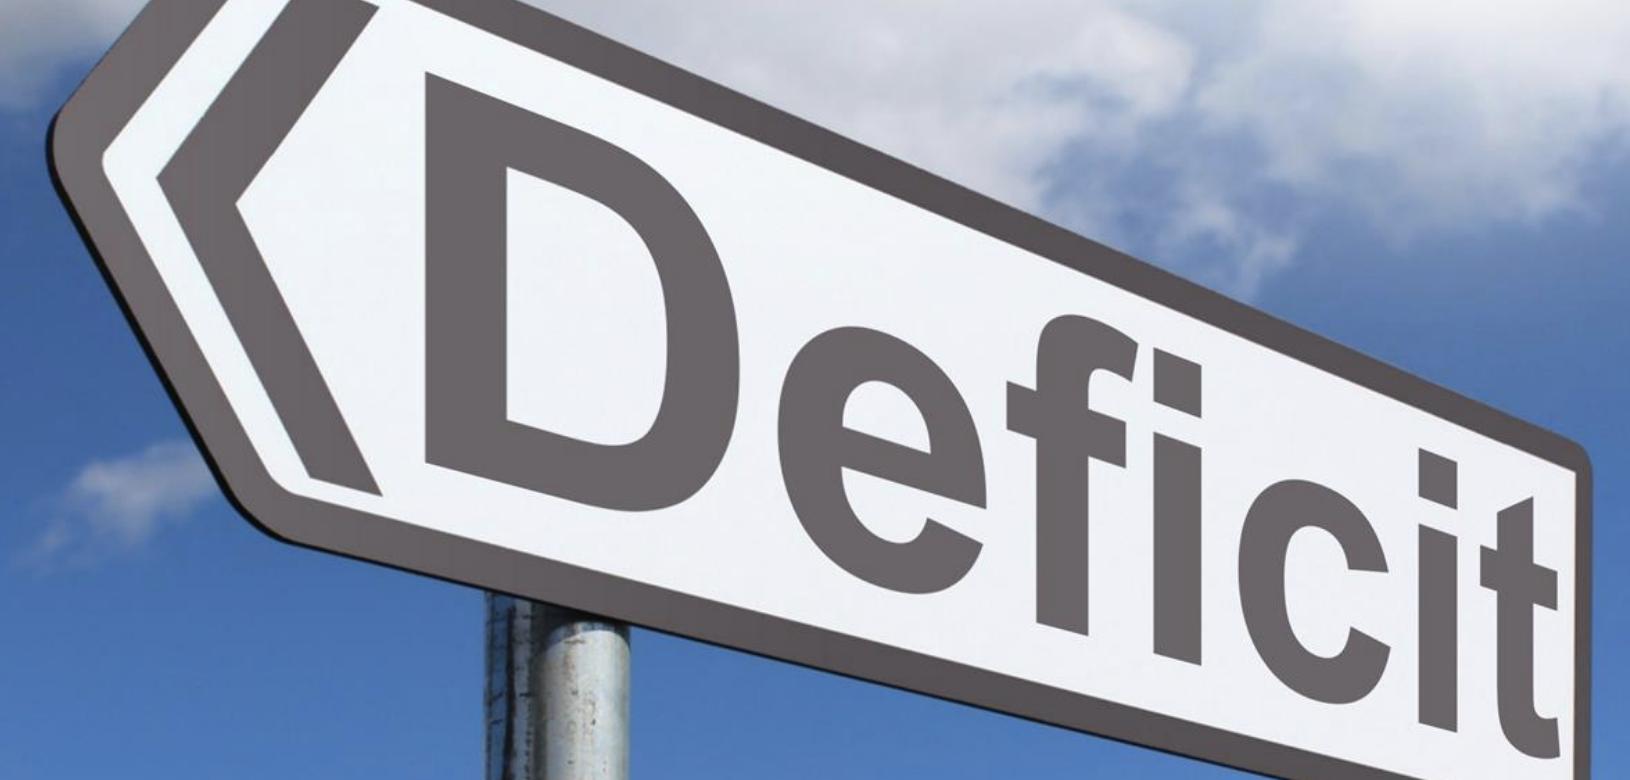 Tunisie : Le déficit budgétaire sur les 4 premiers mois de 2020 s'est creusé de +88,1% pour atteindre -2,7 Mds TND